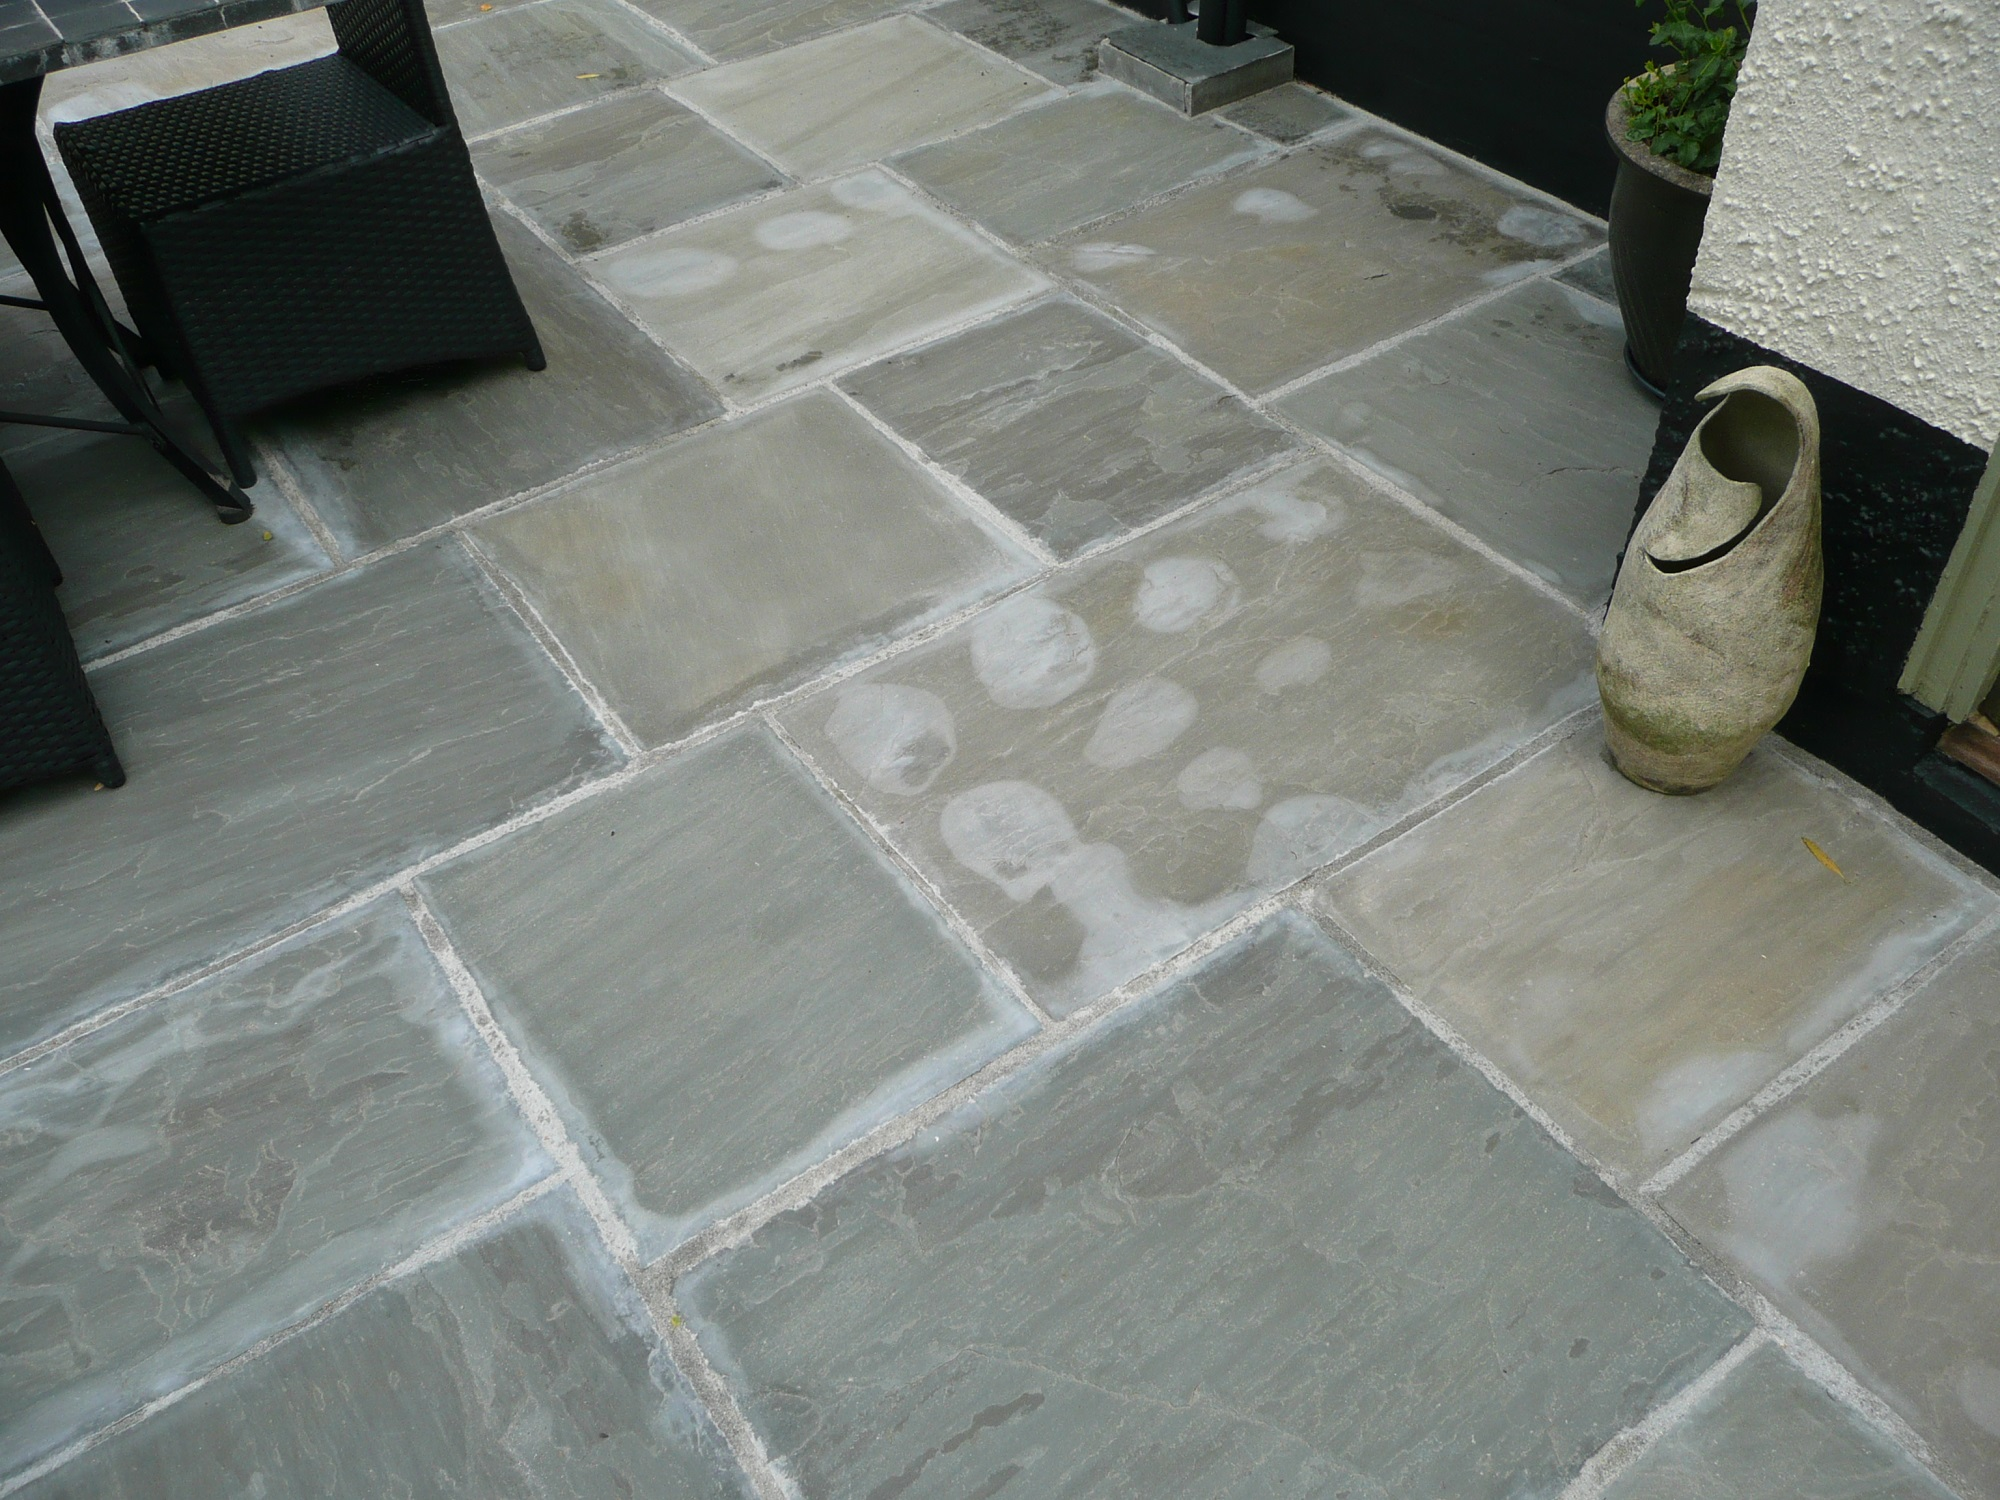 Sàn đá vôi sở hữu ưu điểm không trơn trượt và khó bị rỗ, phù hợp cho các khu vực ngoài trời.k Kết hợp đá vôi với sắc thái khác nhau giúp tạo điểm nhấn cho hiên nhà